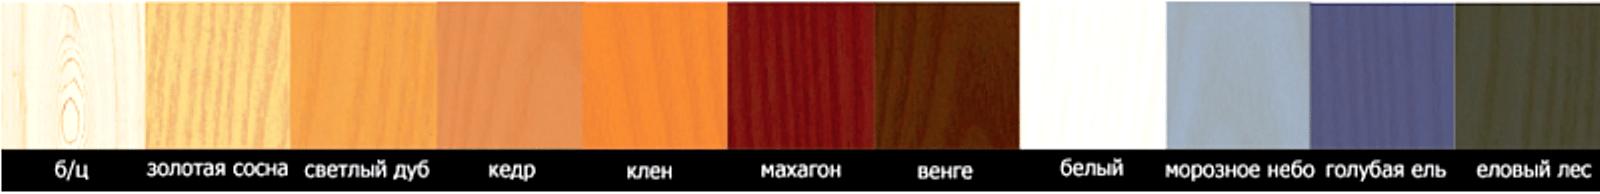 Цветовая палитра пропитка Bio Aqua